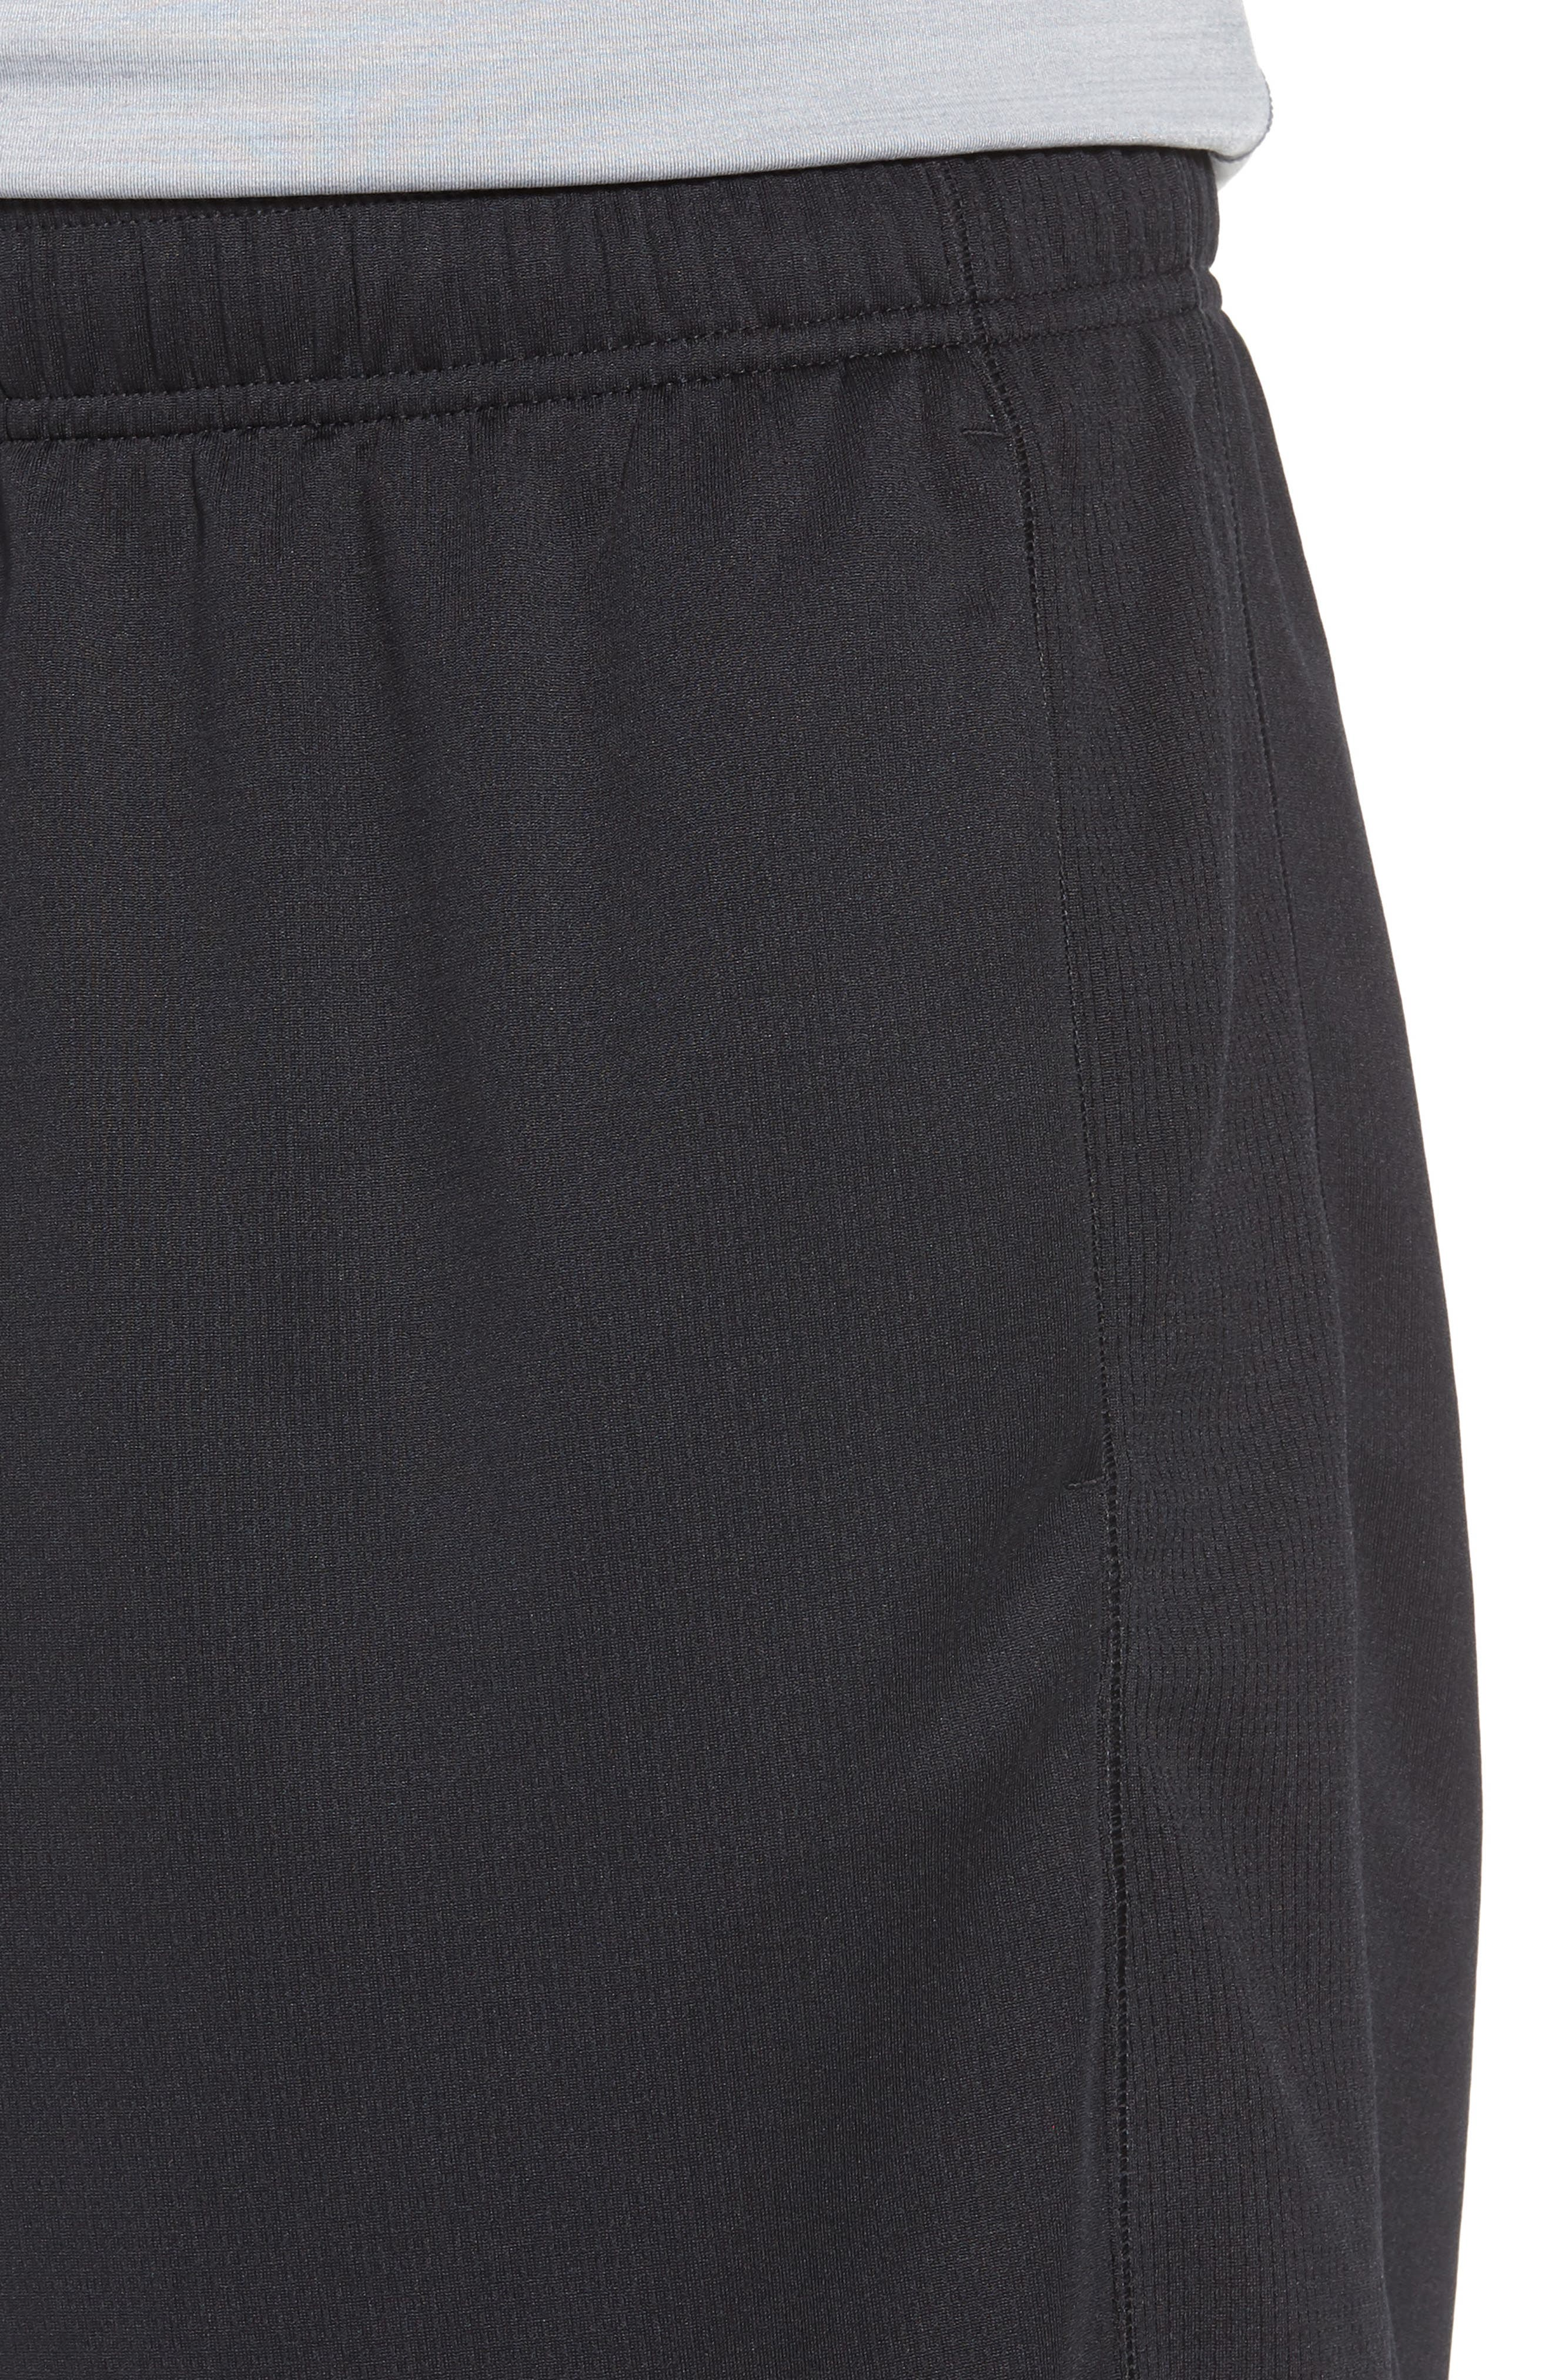 Versa Shorts,                             Alternate thumbnail 4, color,                             BLACK